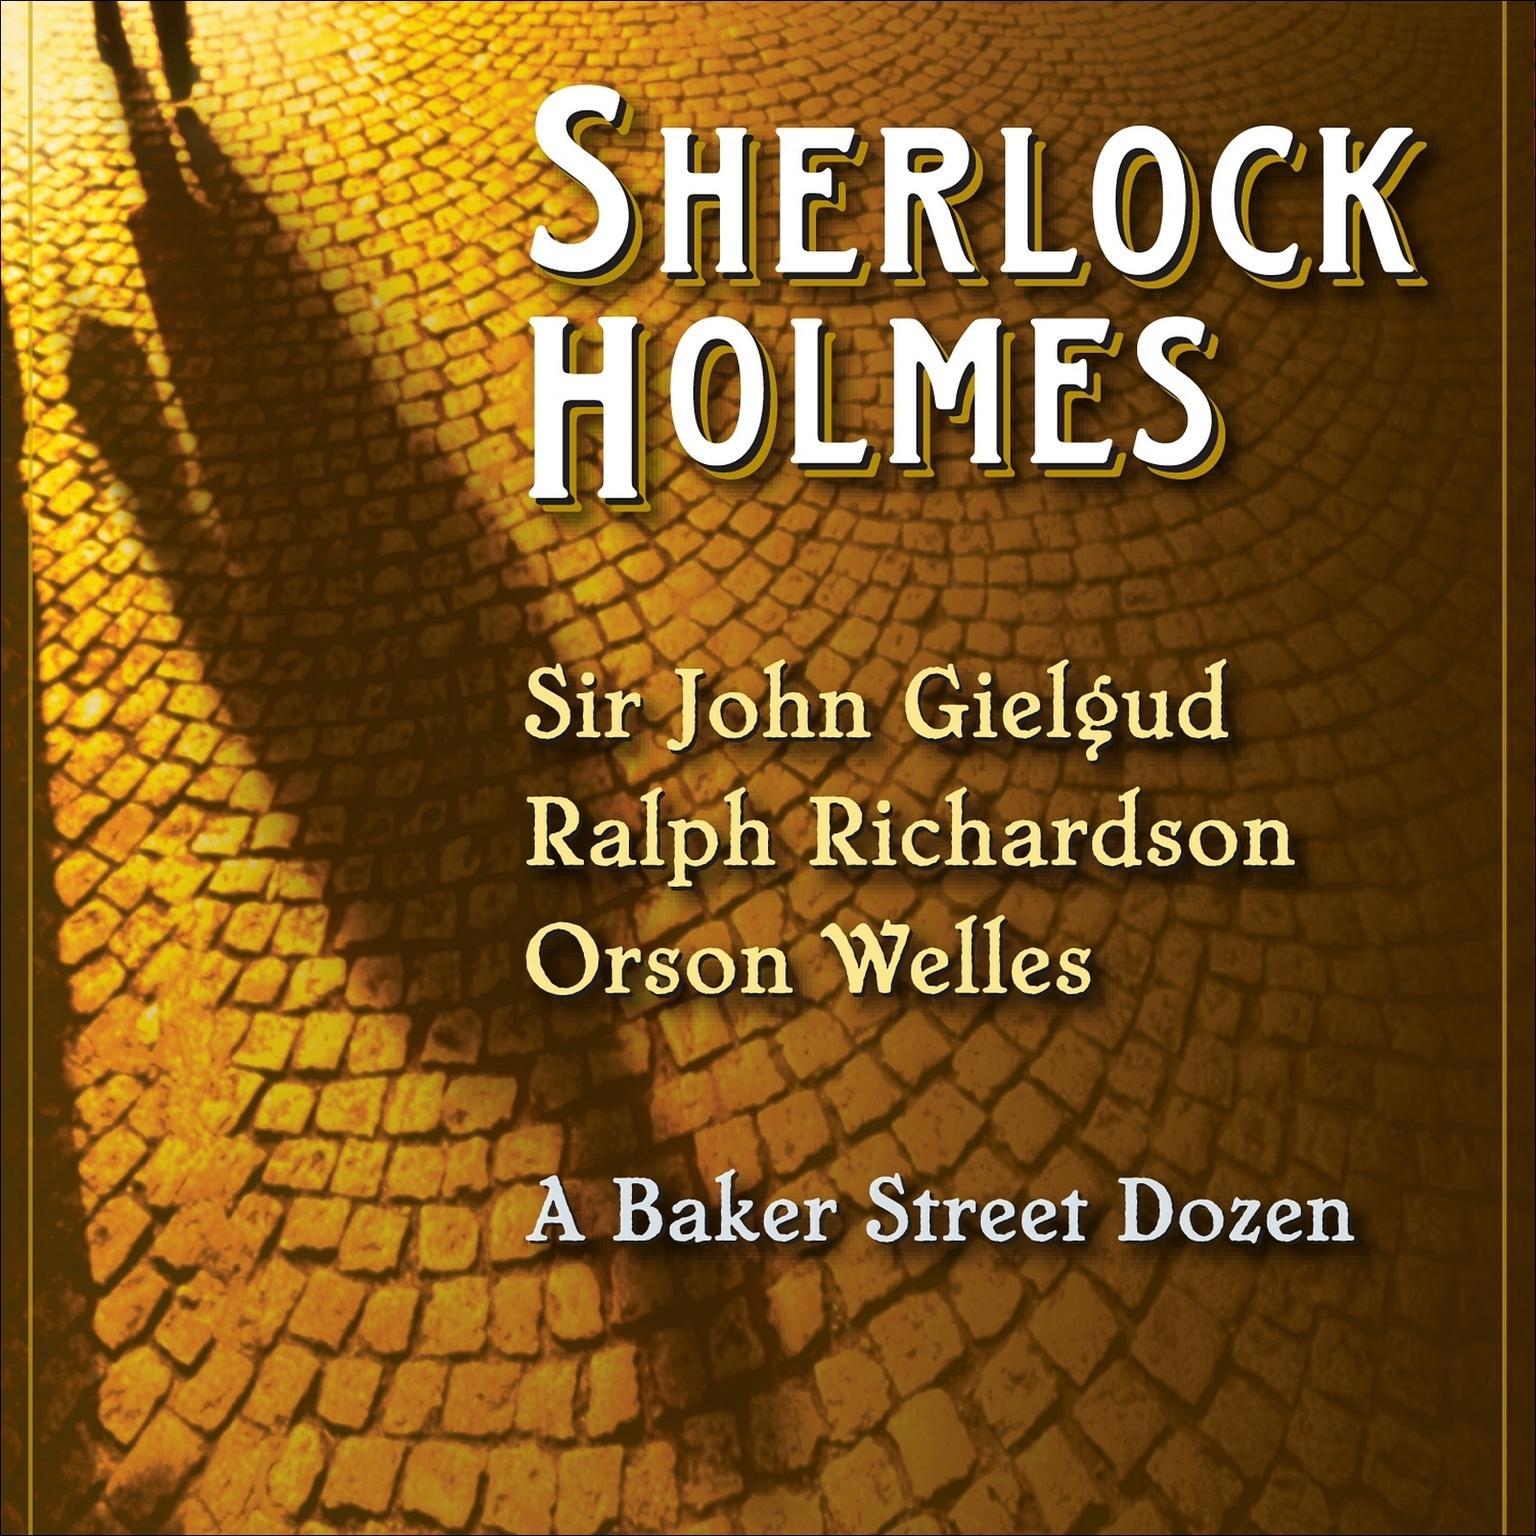 Printable A Baker Street Dozen Audiobook Cover Art